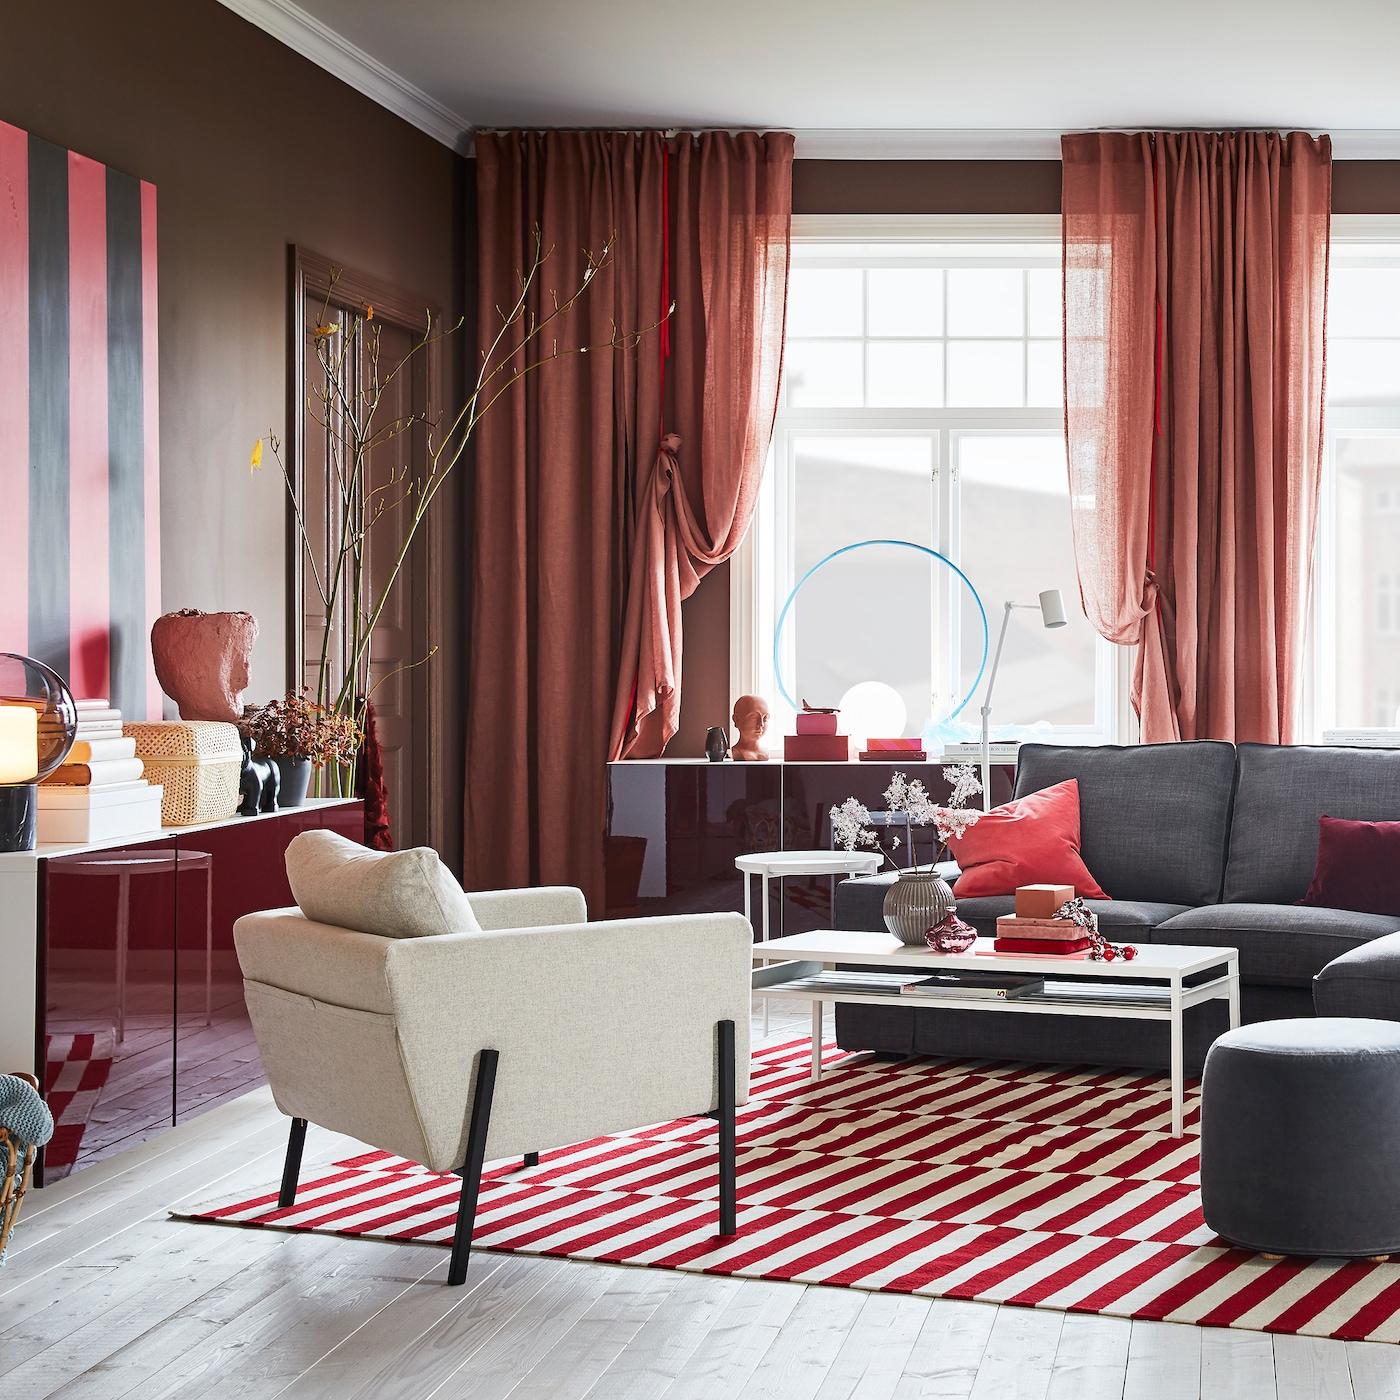 Olohuone, jossa rusehtavan roosat verhot, puna-valkokuvioitu matto, harmaa sohva sekä seinään kiinnitetyt kaapit, joissa korkeakiiltoiset, punaiset ovet.